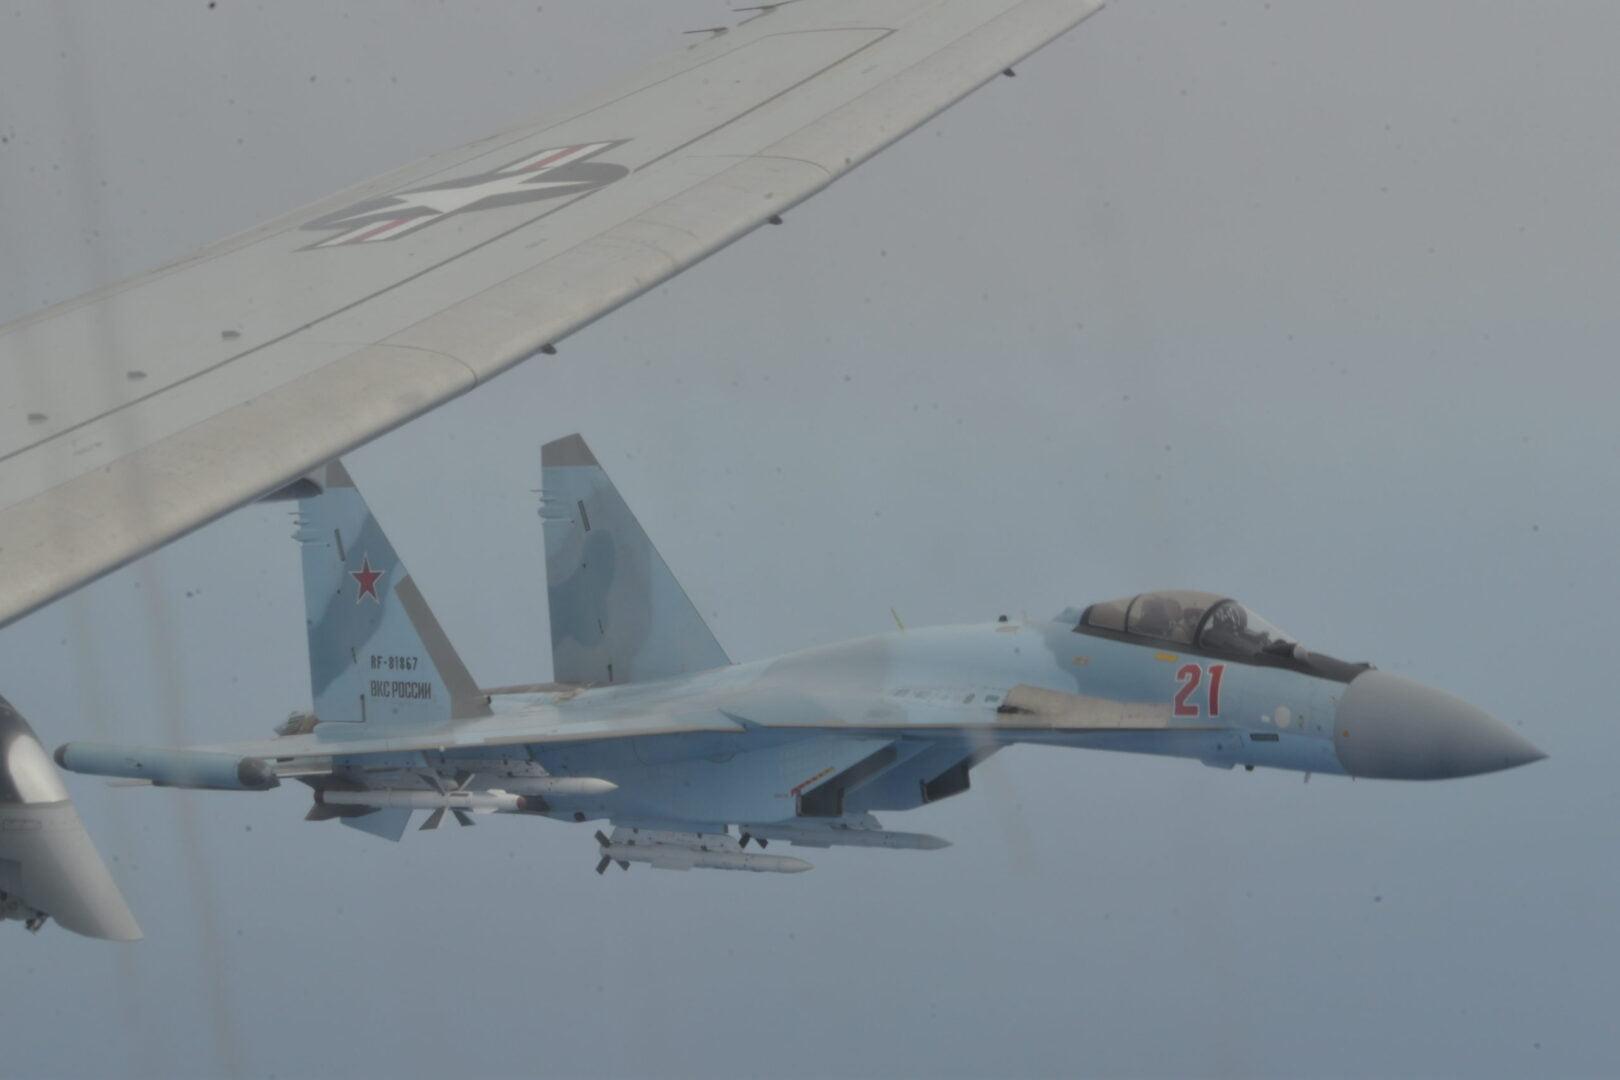 ΡΩΣΙΚΑ SU-35s ΑΝΑΧΑΙΤΙΣΑΝ ΑΜΕΡΙΚΑΝΙΚΟ P8 ΣΤΗ ΜΕΣΟΓΕΙΟ